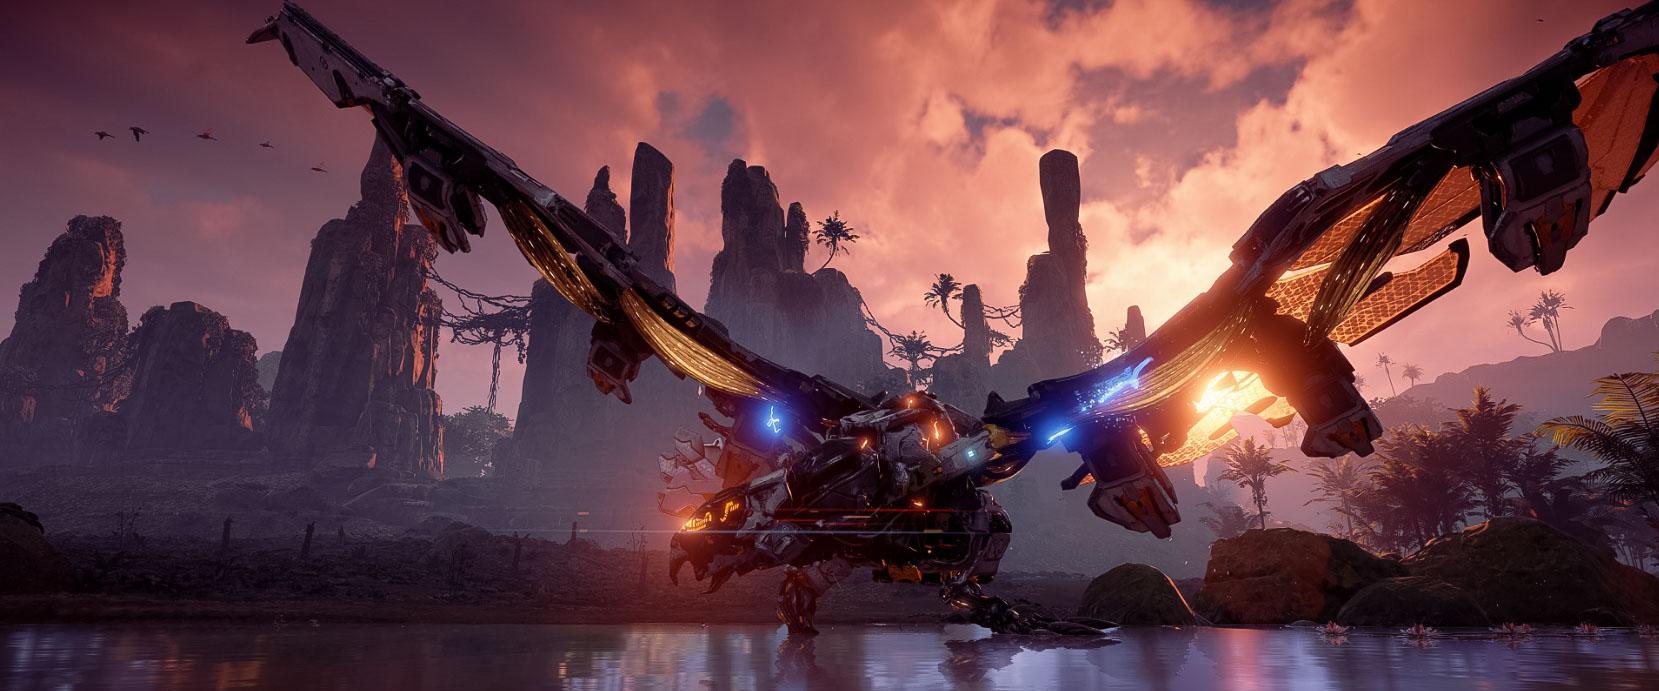 Nareszcie! Znamy dokładną datę premiery i wymagania sprzętowe Horizon Zero Dawn na PC